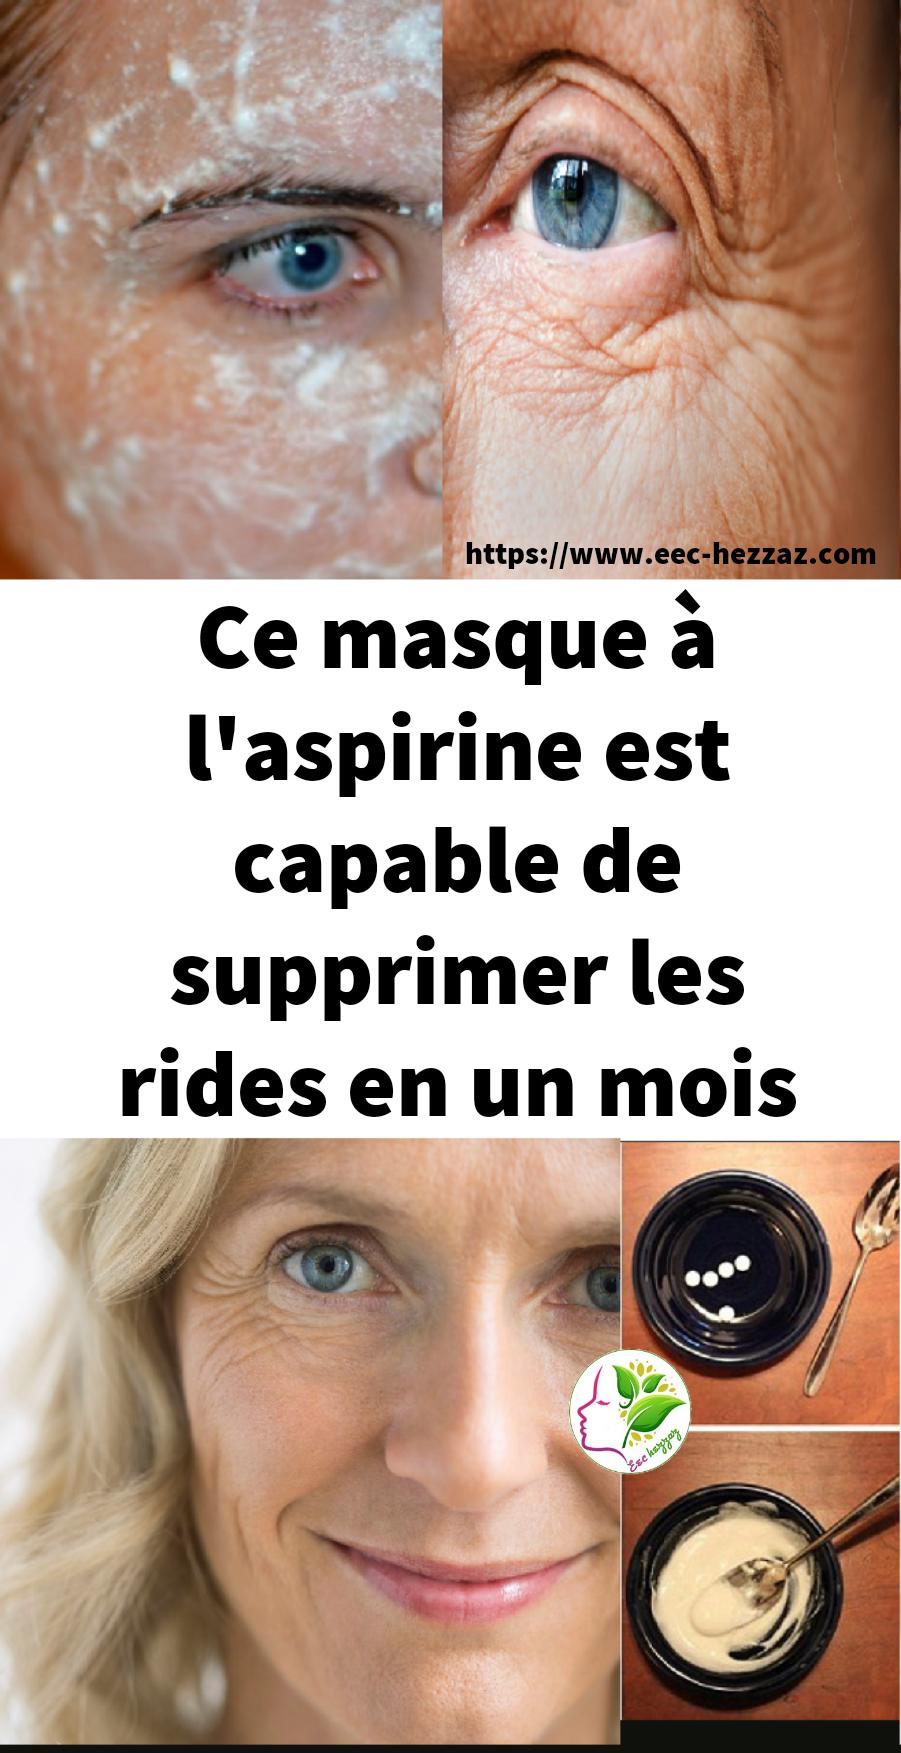 Ce masque à l'aspirine est capable de supprimer les rides en un mois